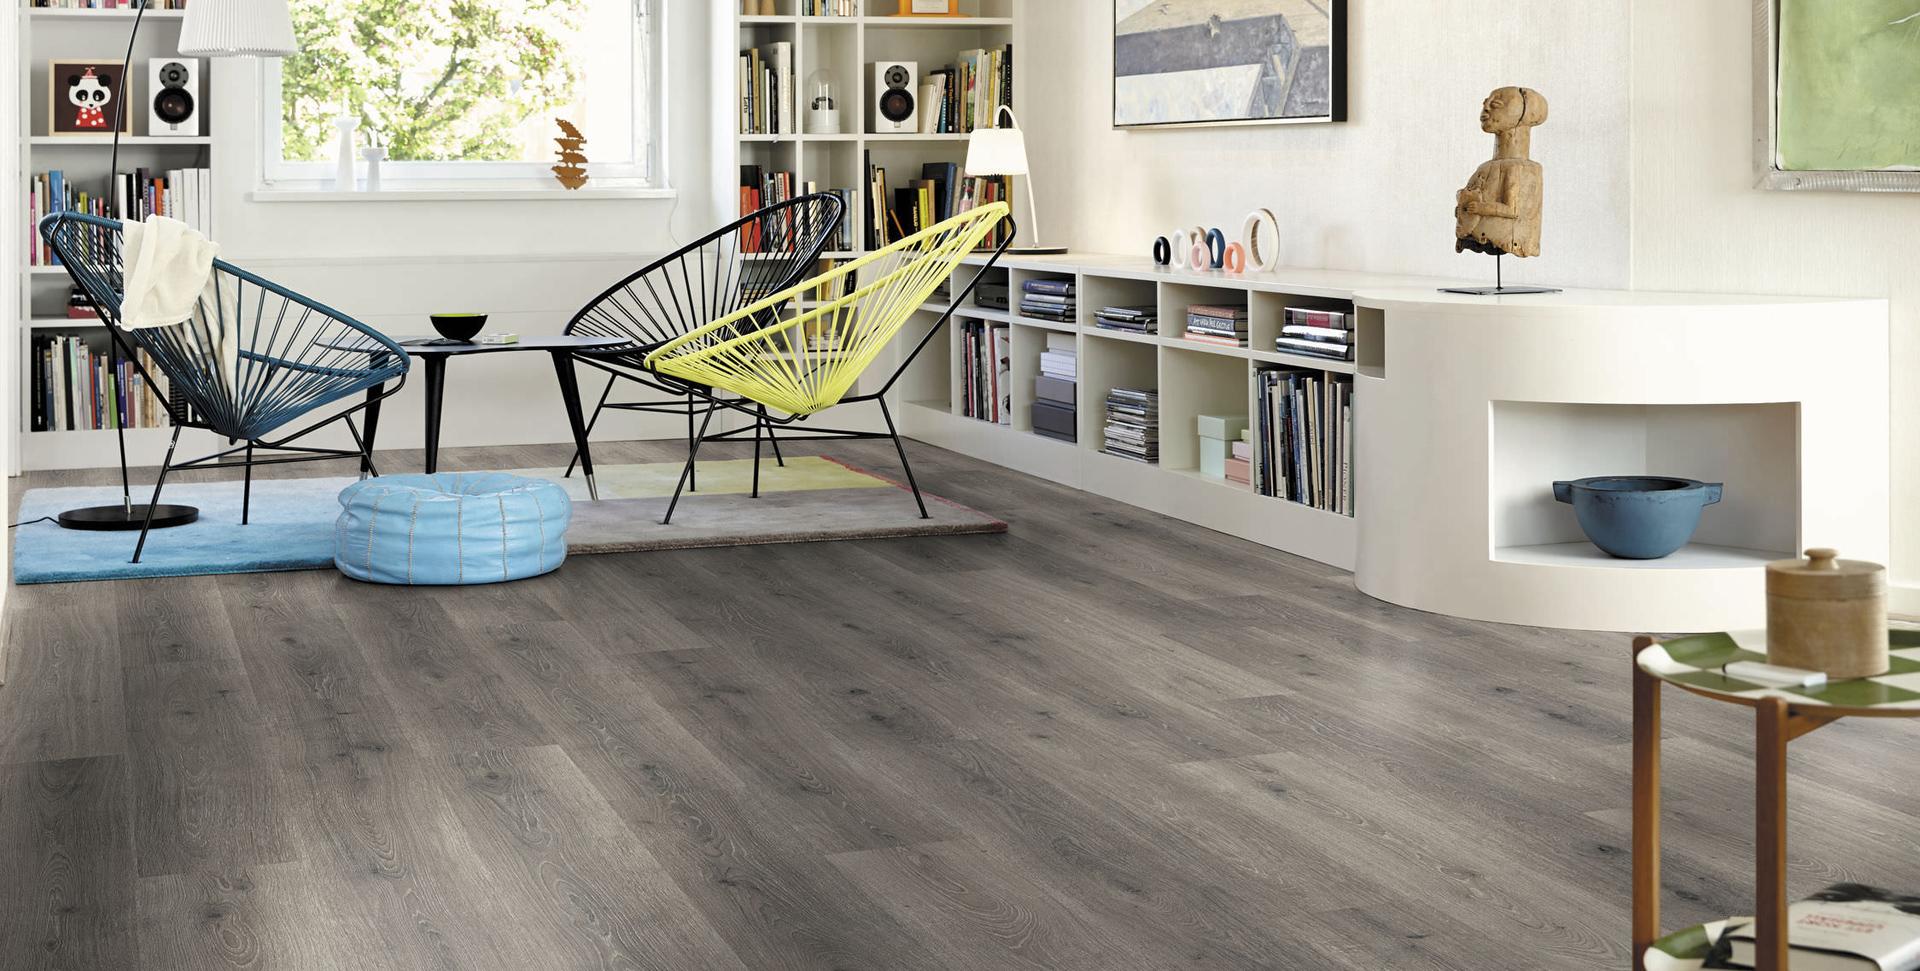 Riscaldamento A Pavimento E Laminato pavimenti in laminato e il lvt vinilico - miotto casa showroom